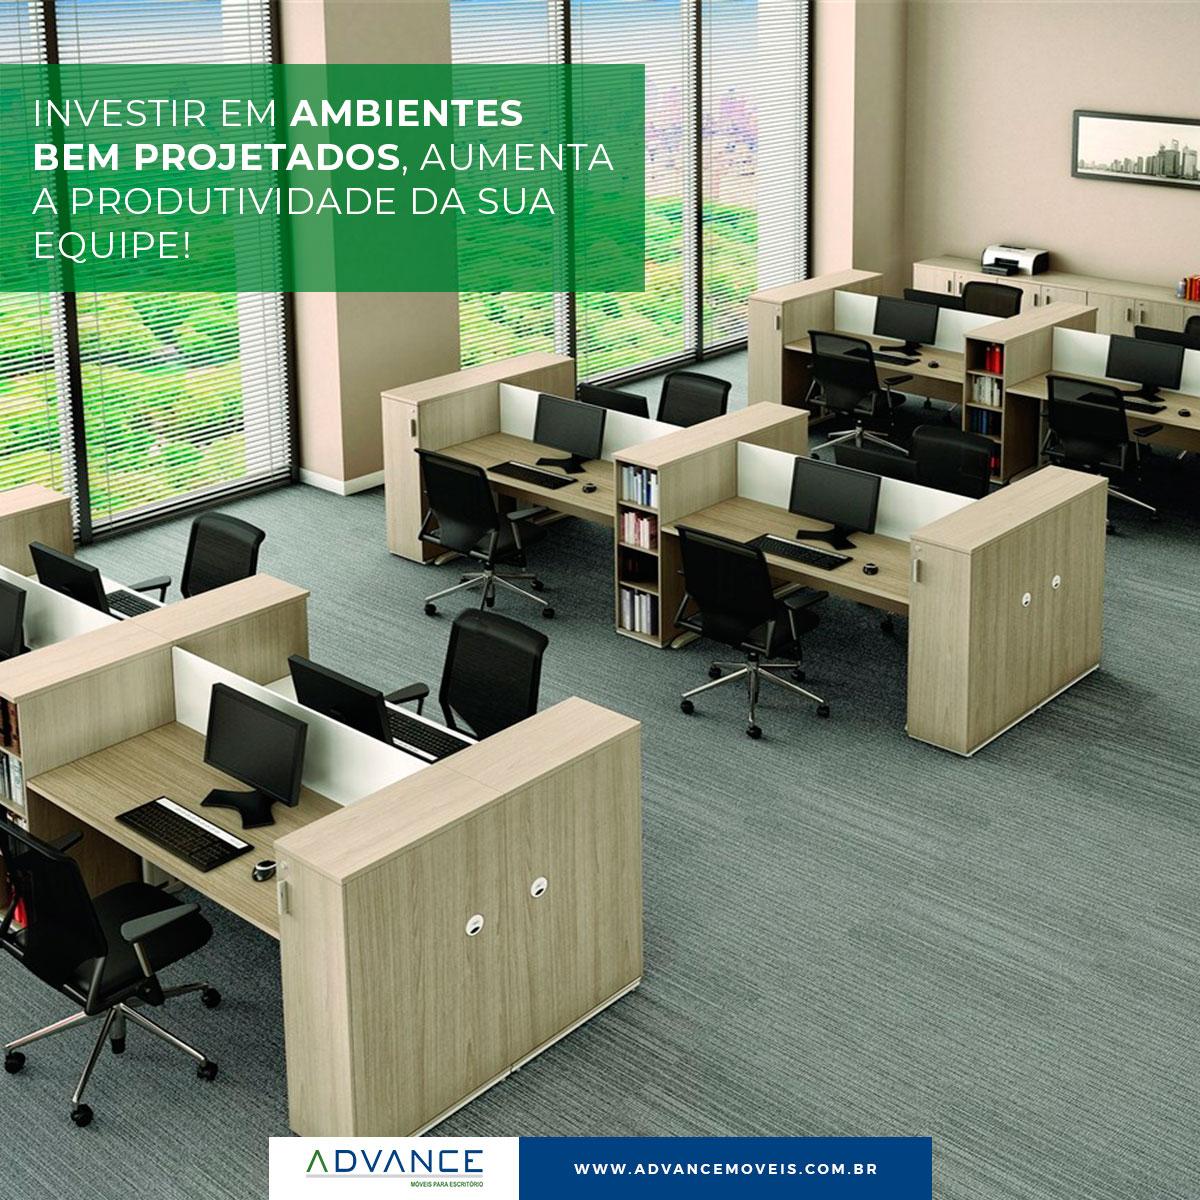 Você sabe quais são os ambientes ideais para aumentar a produtividade da sua equipe?